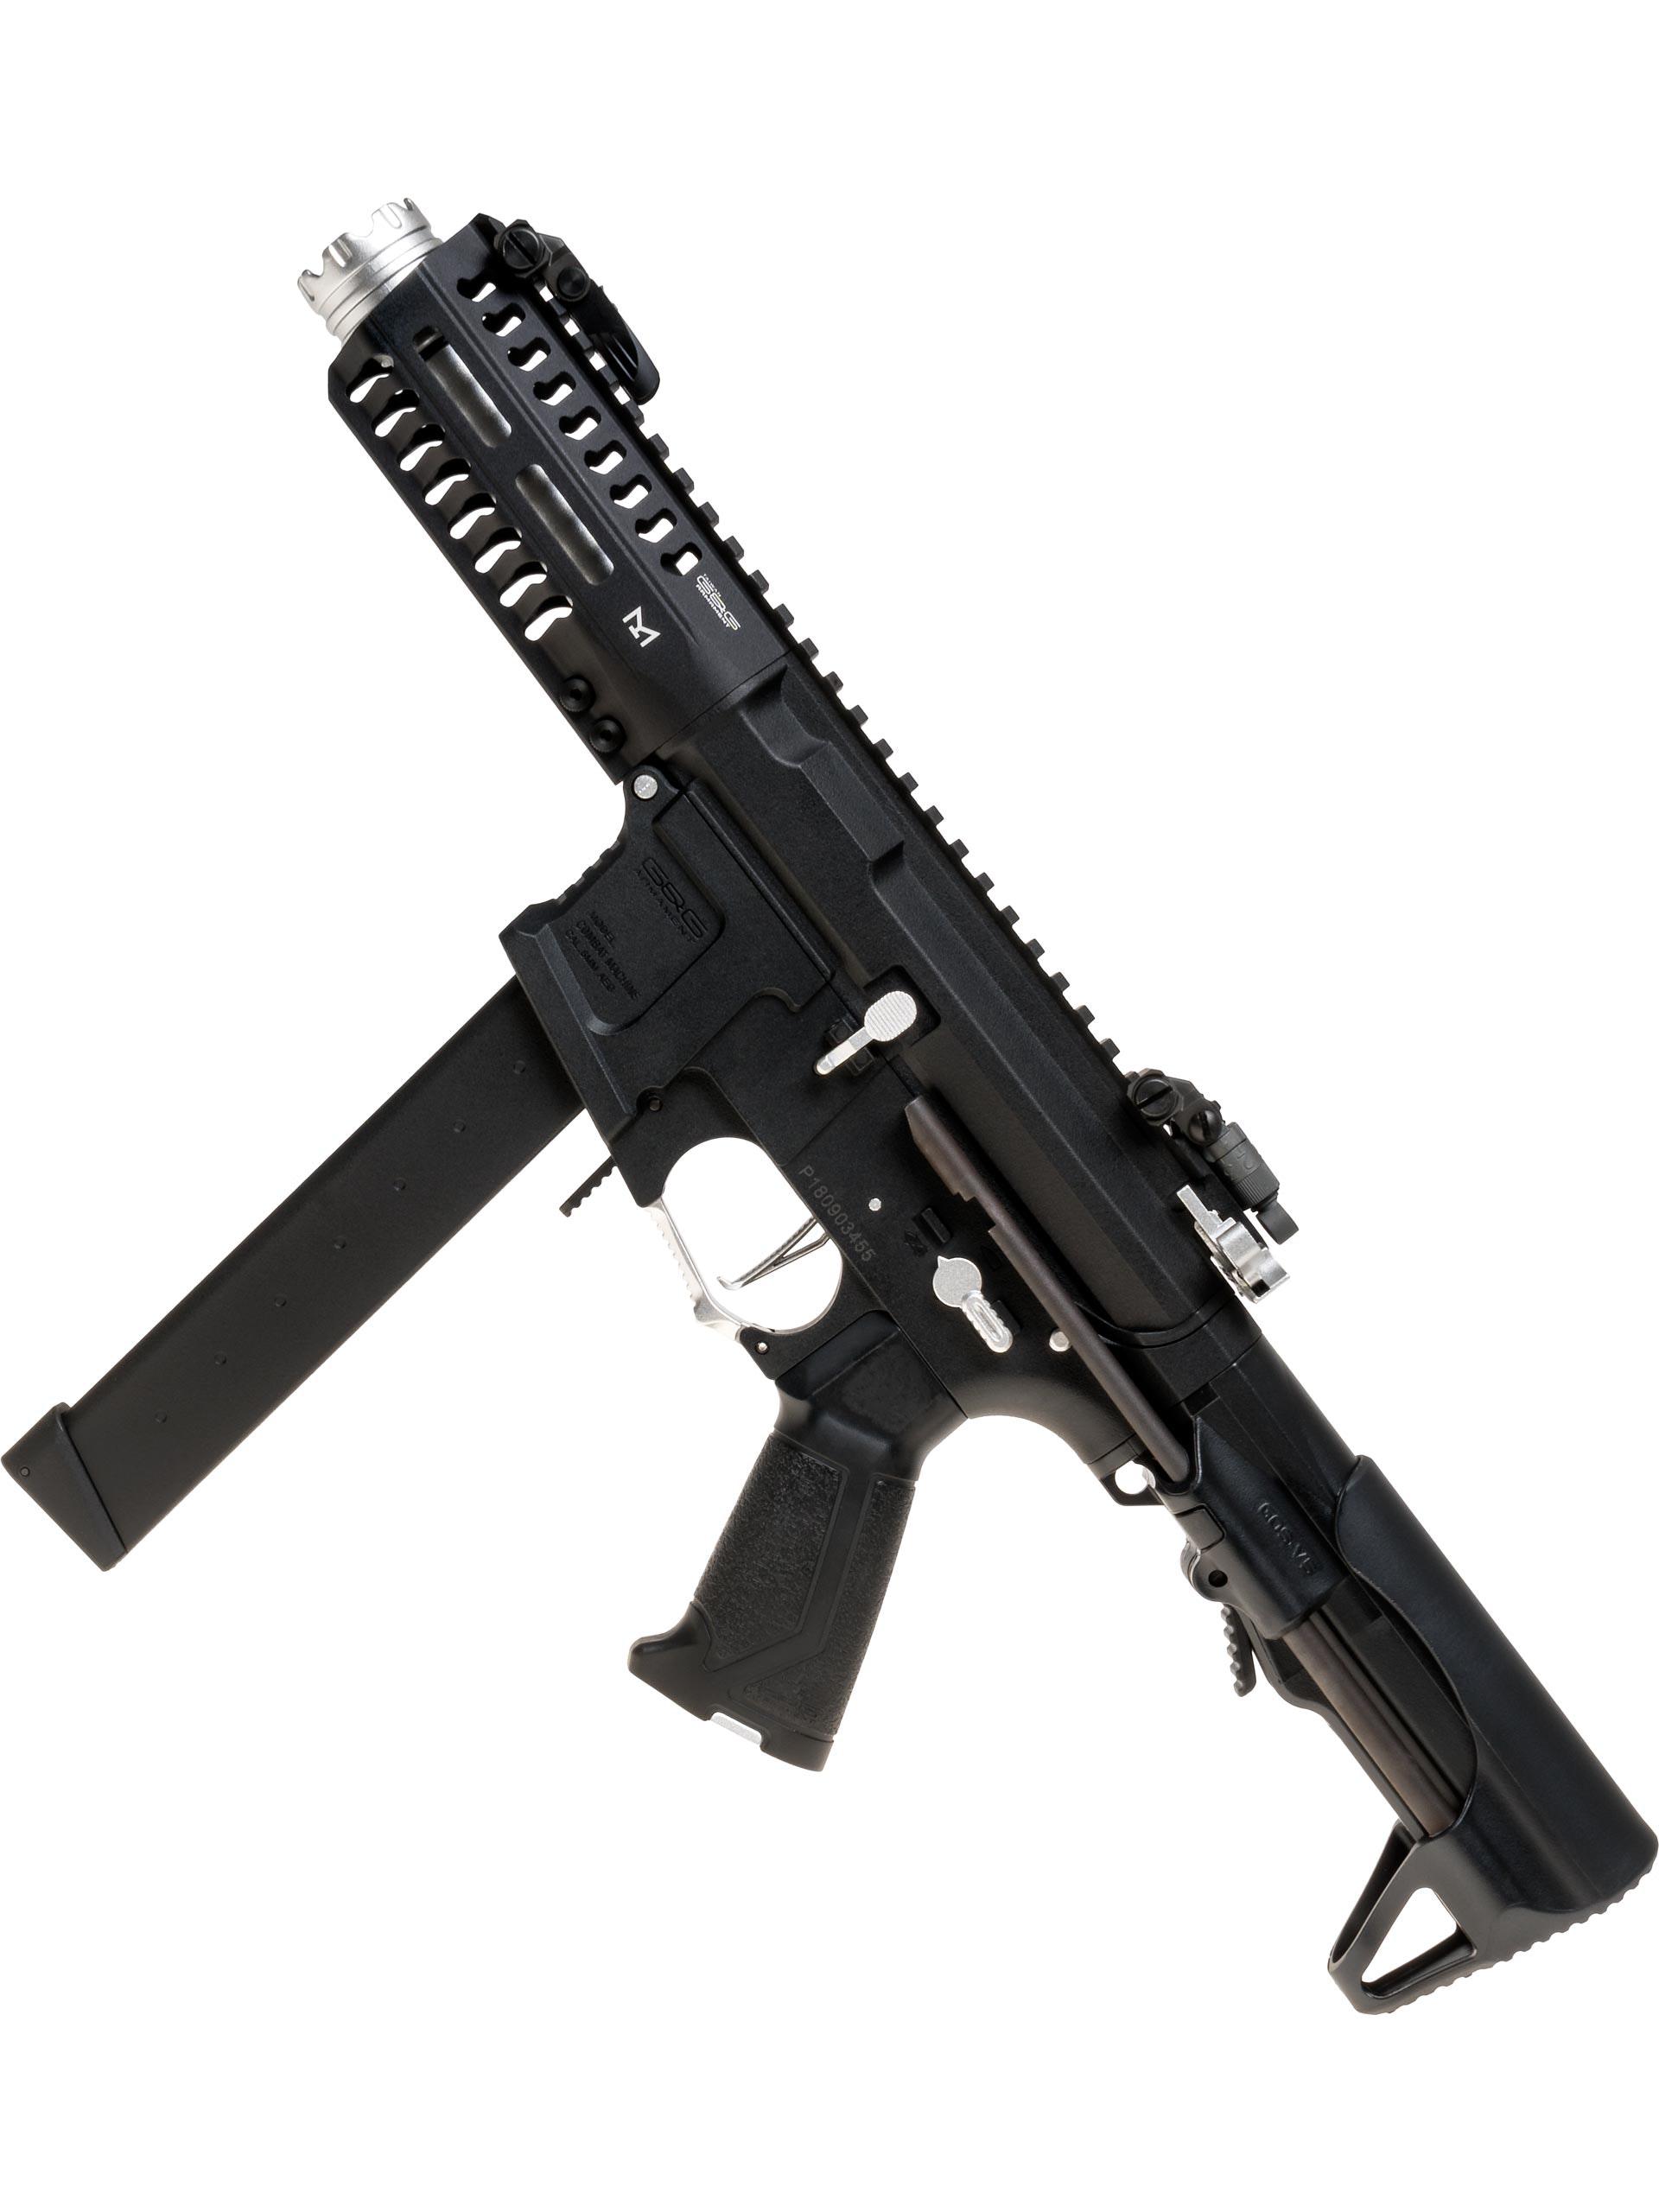 G&G Armament Combat Machine ARP-9